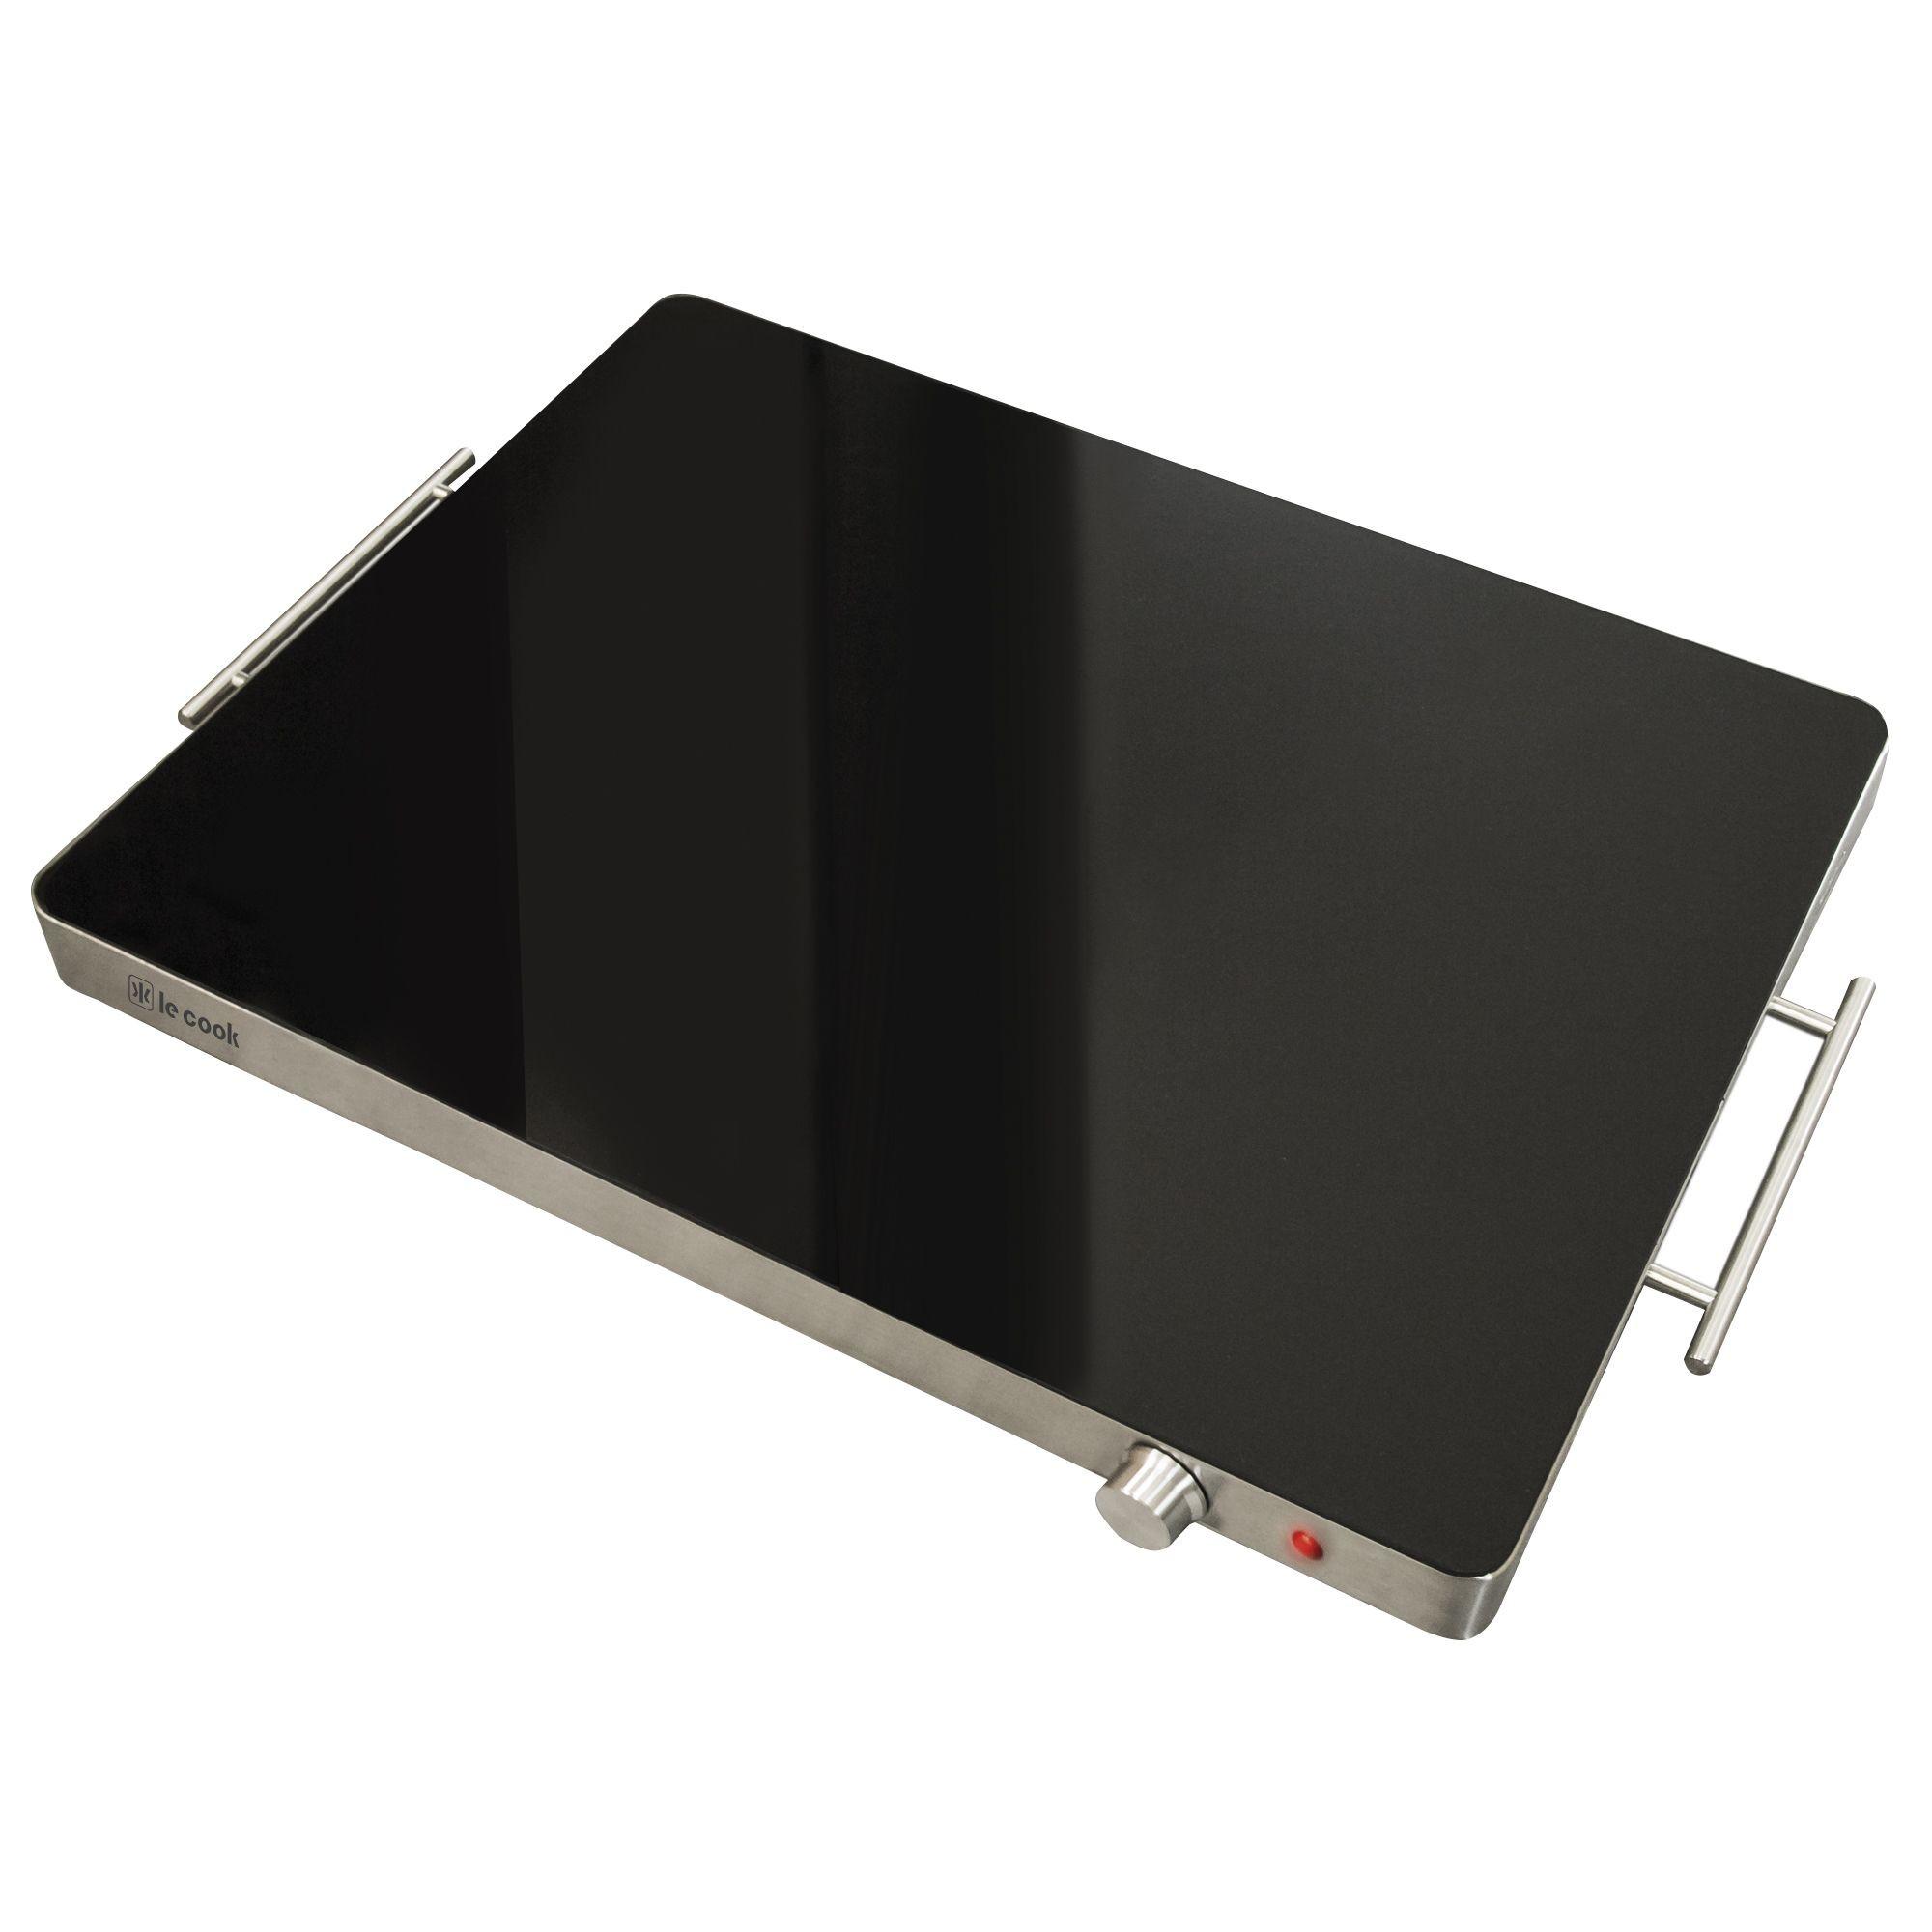 MESA TÉRMICA LE COOK 400 Watts Tampo de Vidro Temperado 60X41X5,7 Cm Modelo LC1705 - 220 Volts